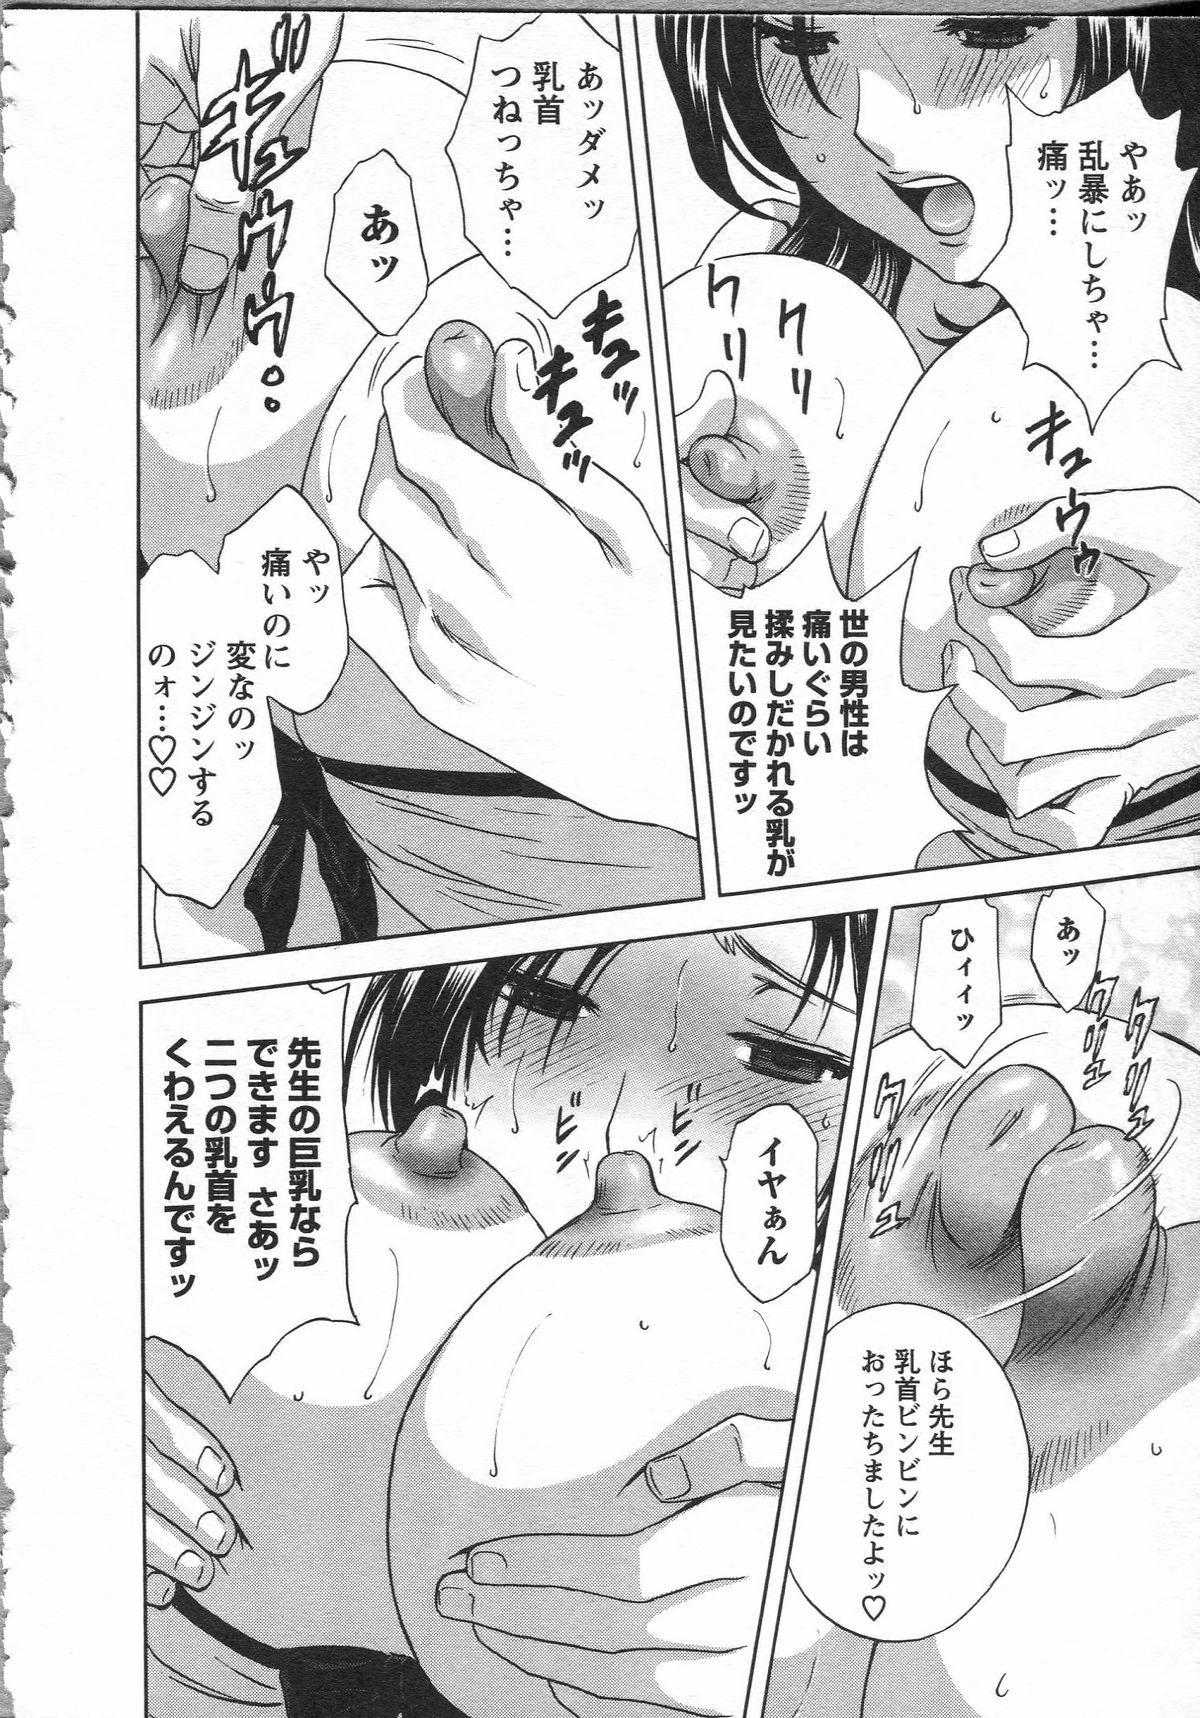 Manga no youna Hitozuma to no Hibi - Days with Married Women such as Comics. 19